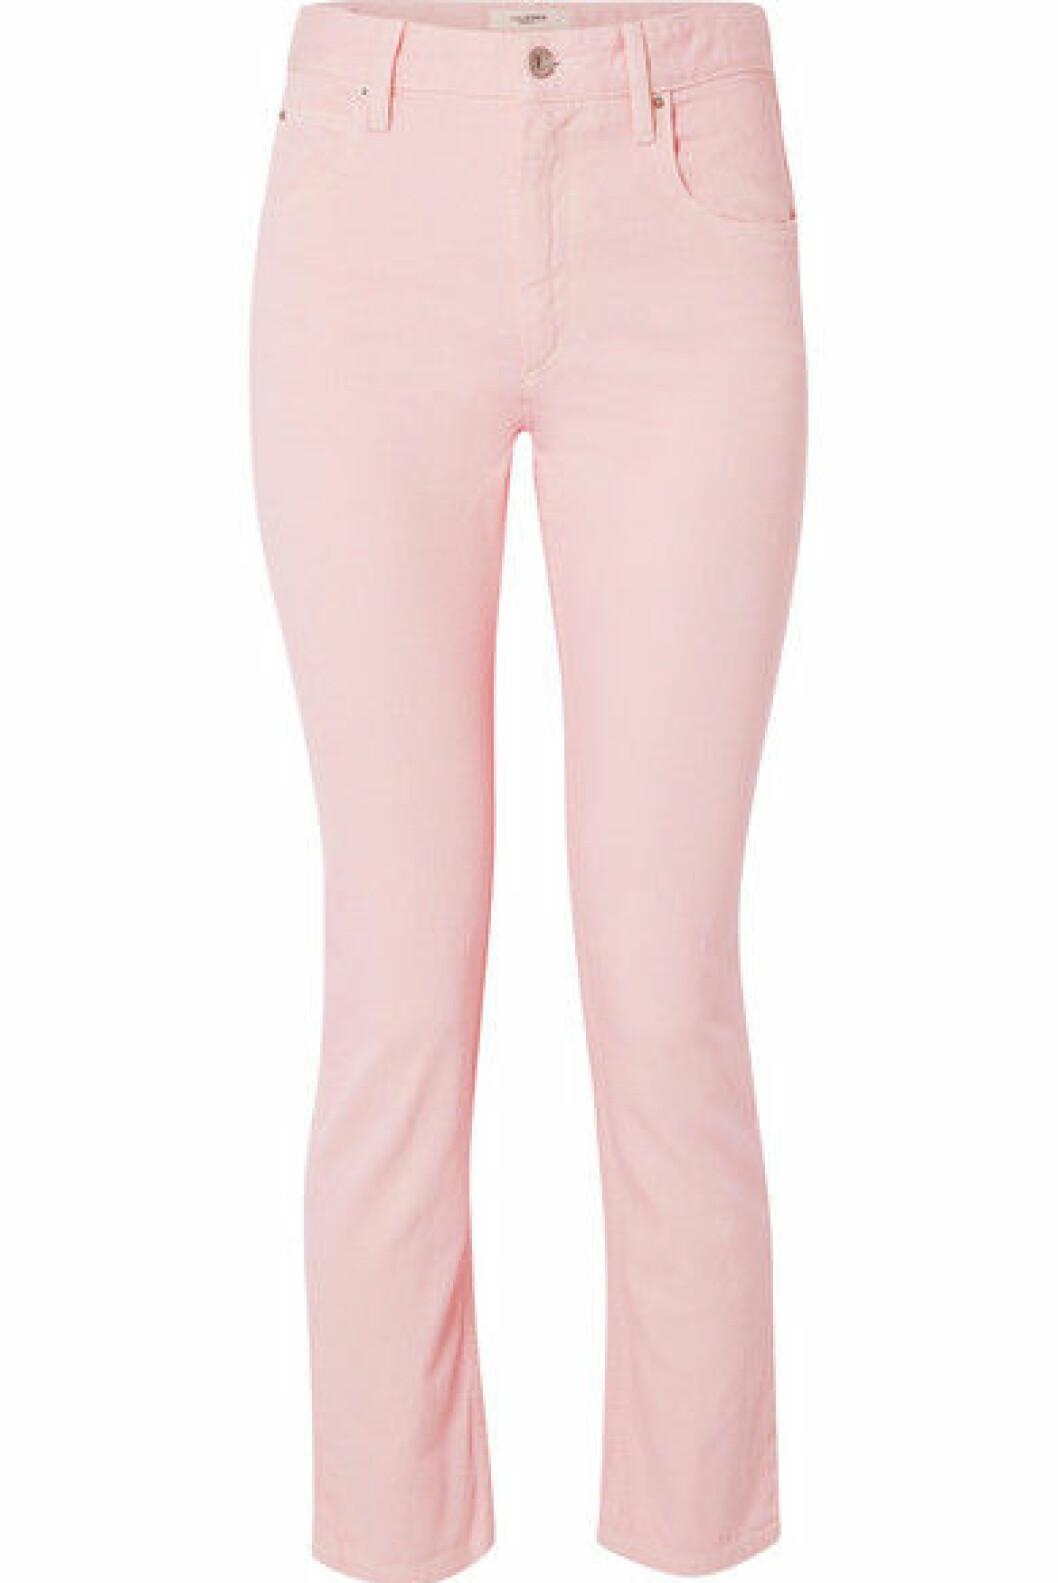 Jeans fra Isabel Marant Etoile  2178,-  https://www.net-a-porter.com/no/en/product/1060264/isabel_marant_etoile/fliff-slim-boyfriend-jeans